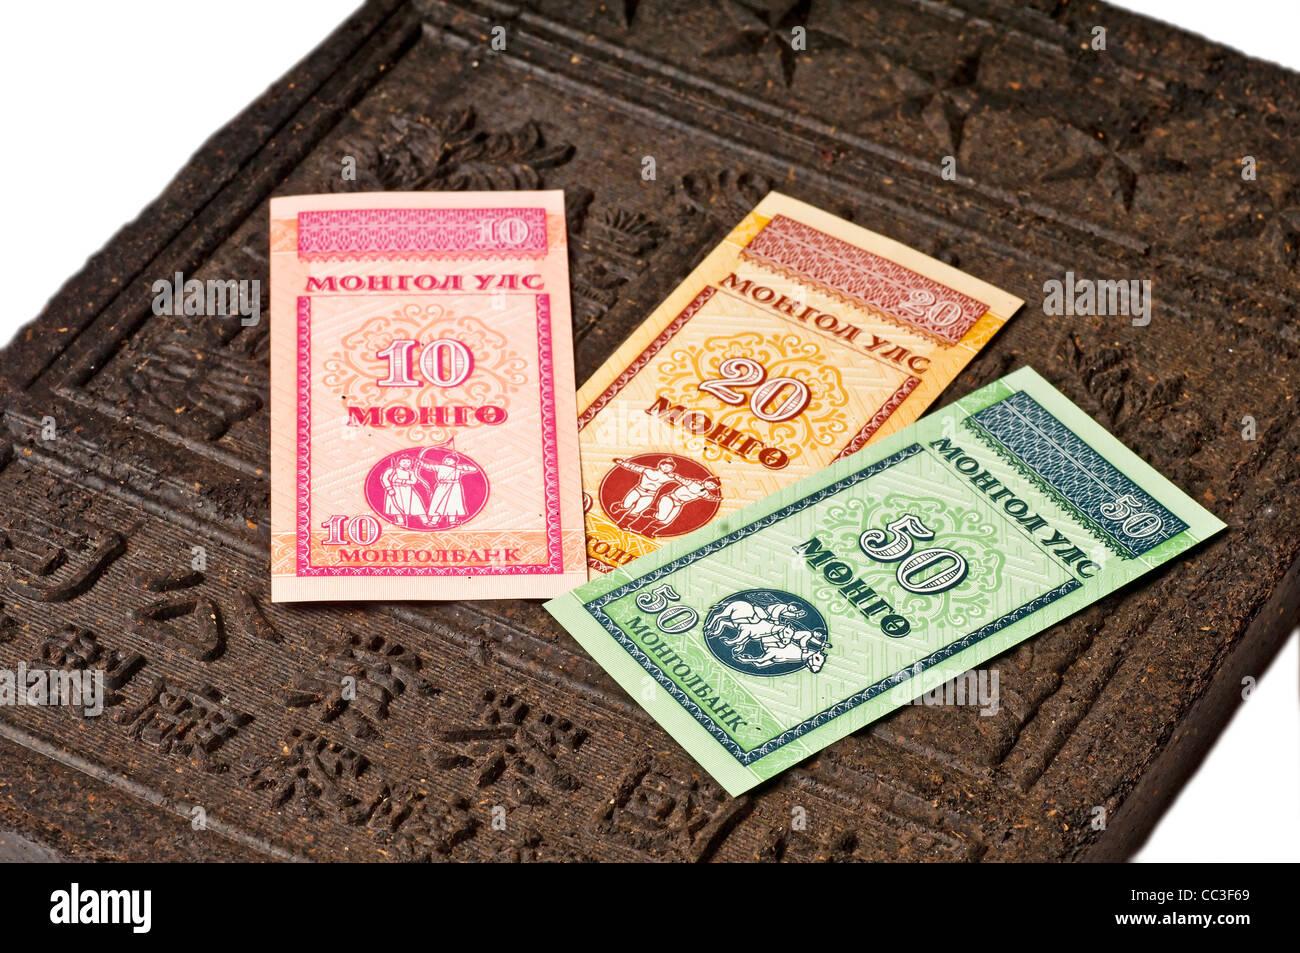 mongolian currency Toegroeg Stock Photo